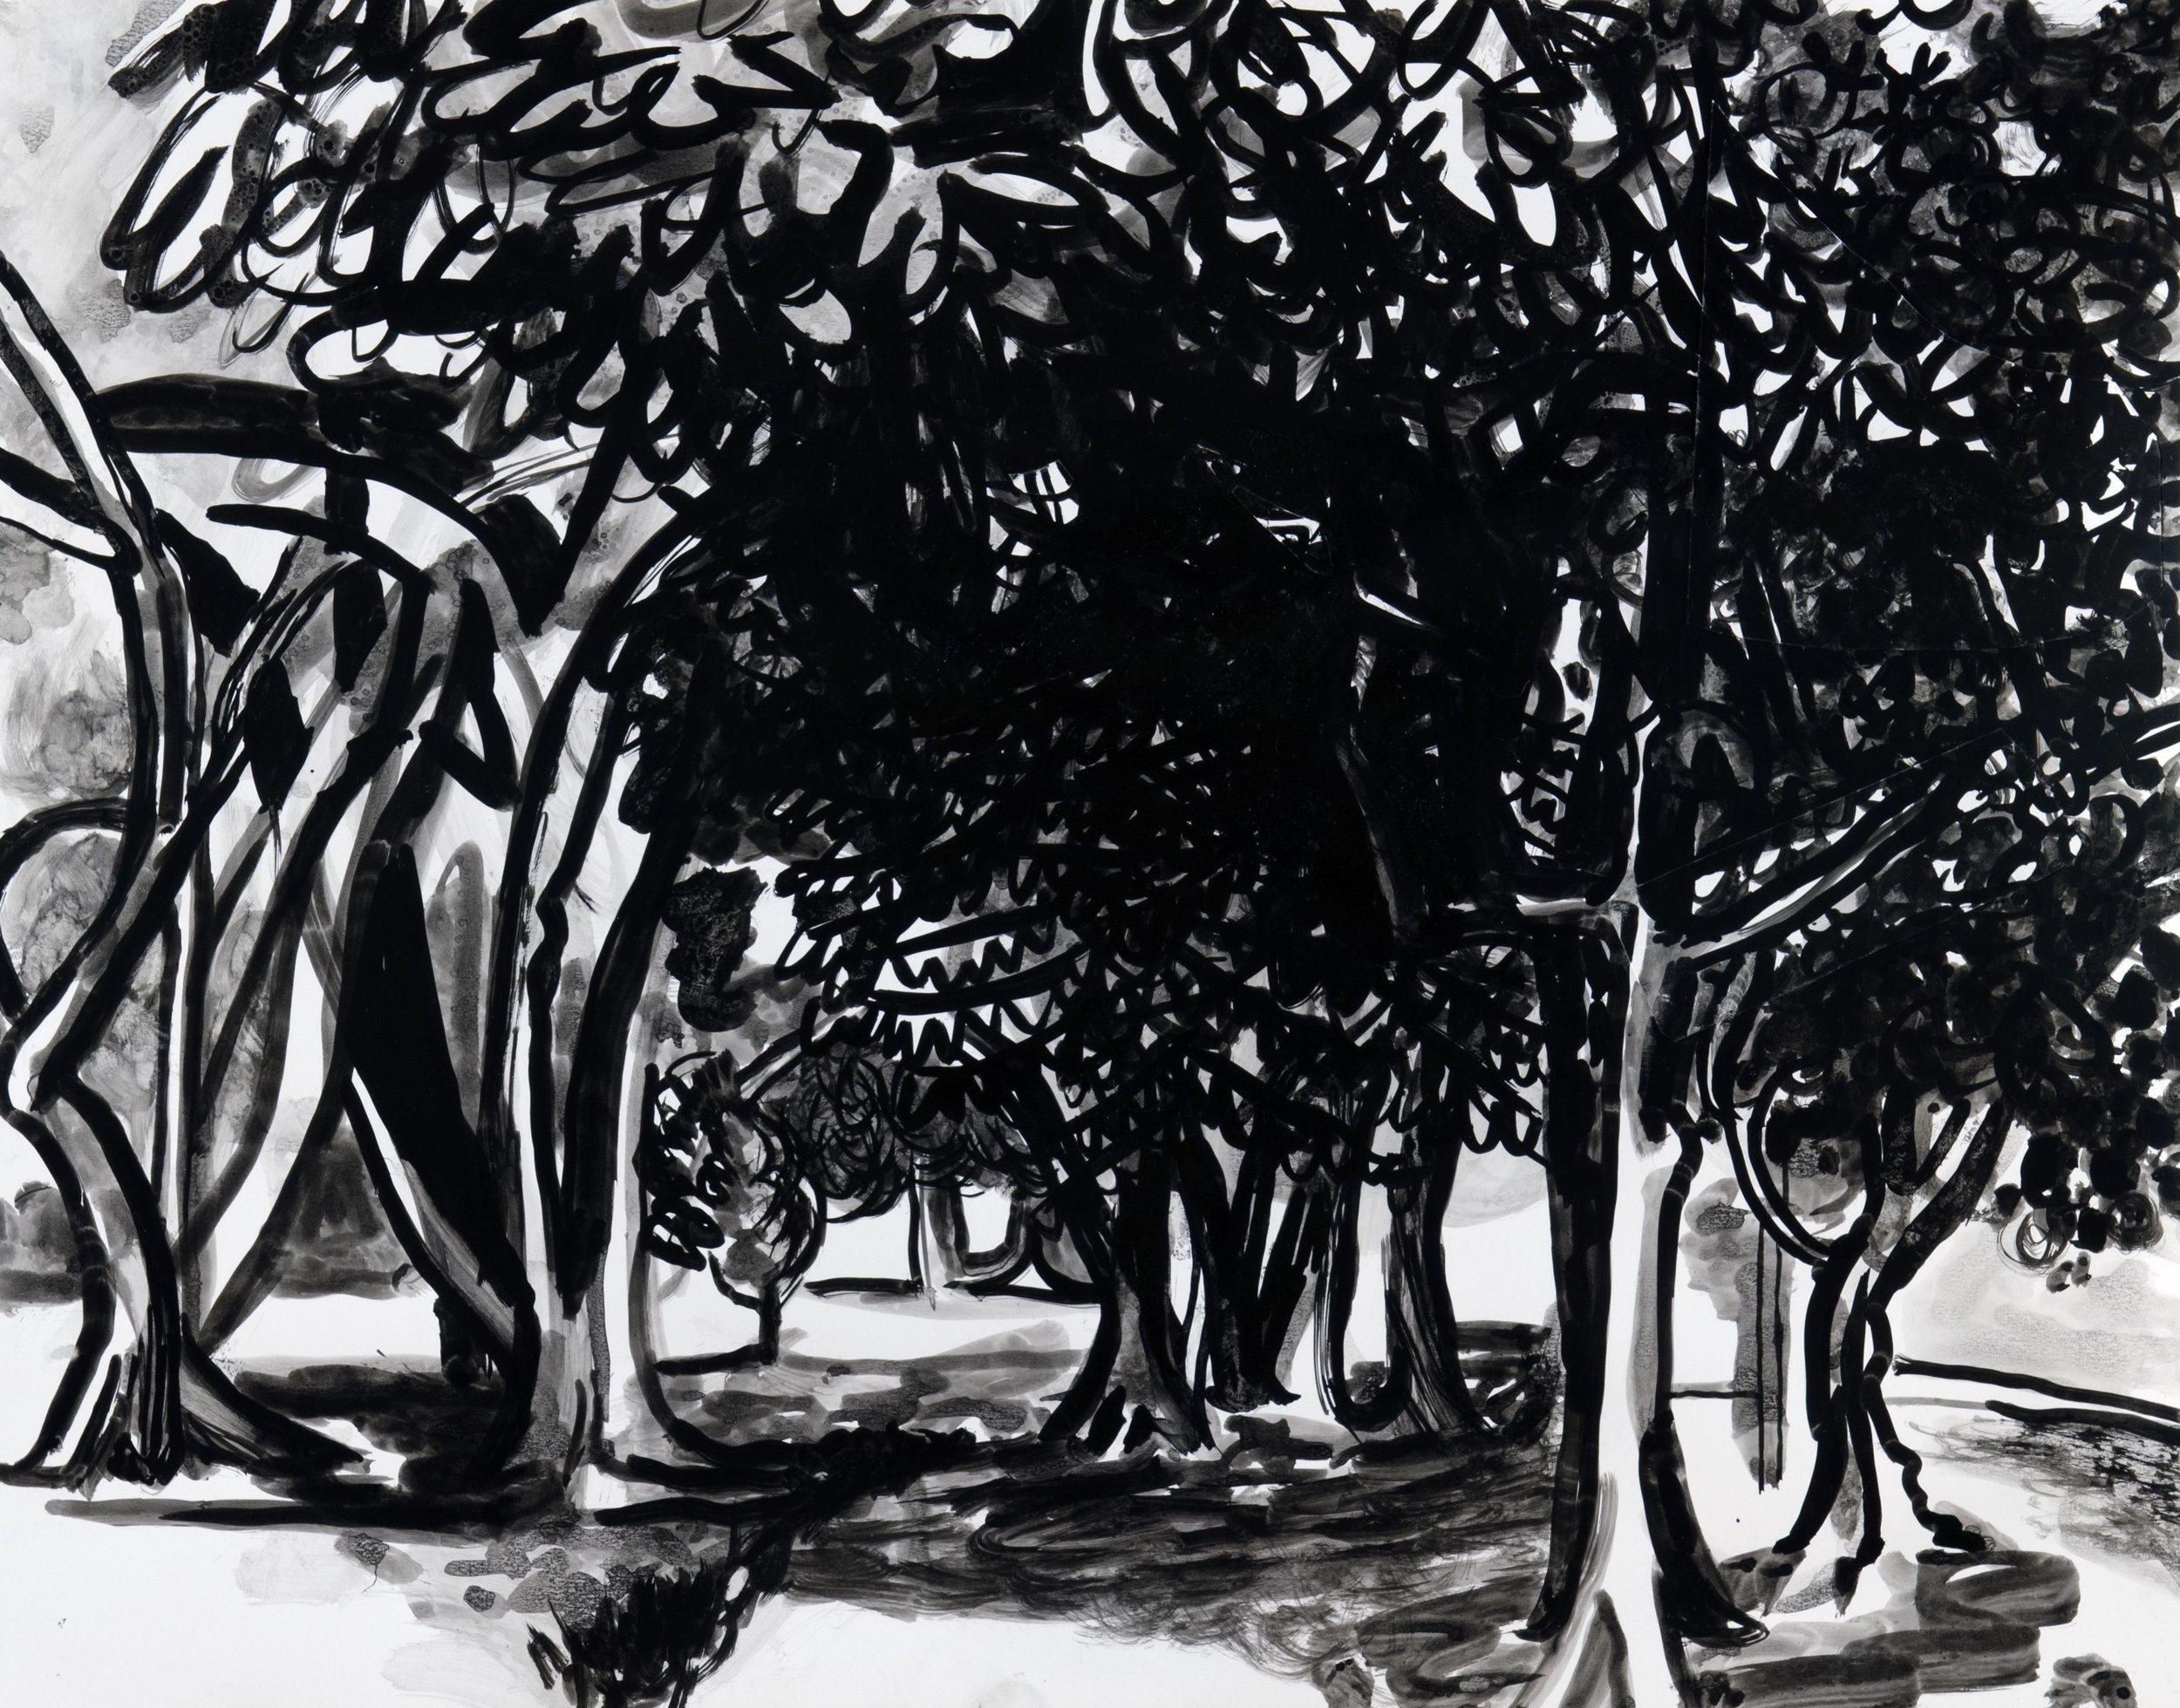 Humboldt Park Trees 2013